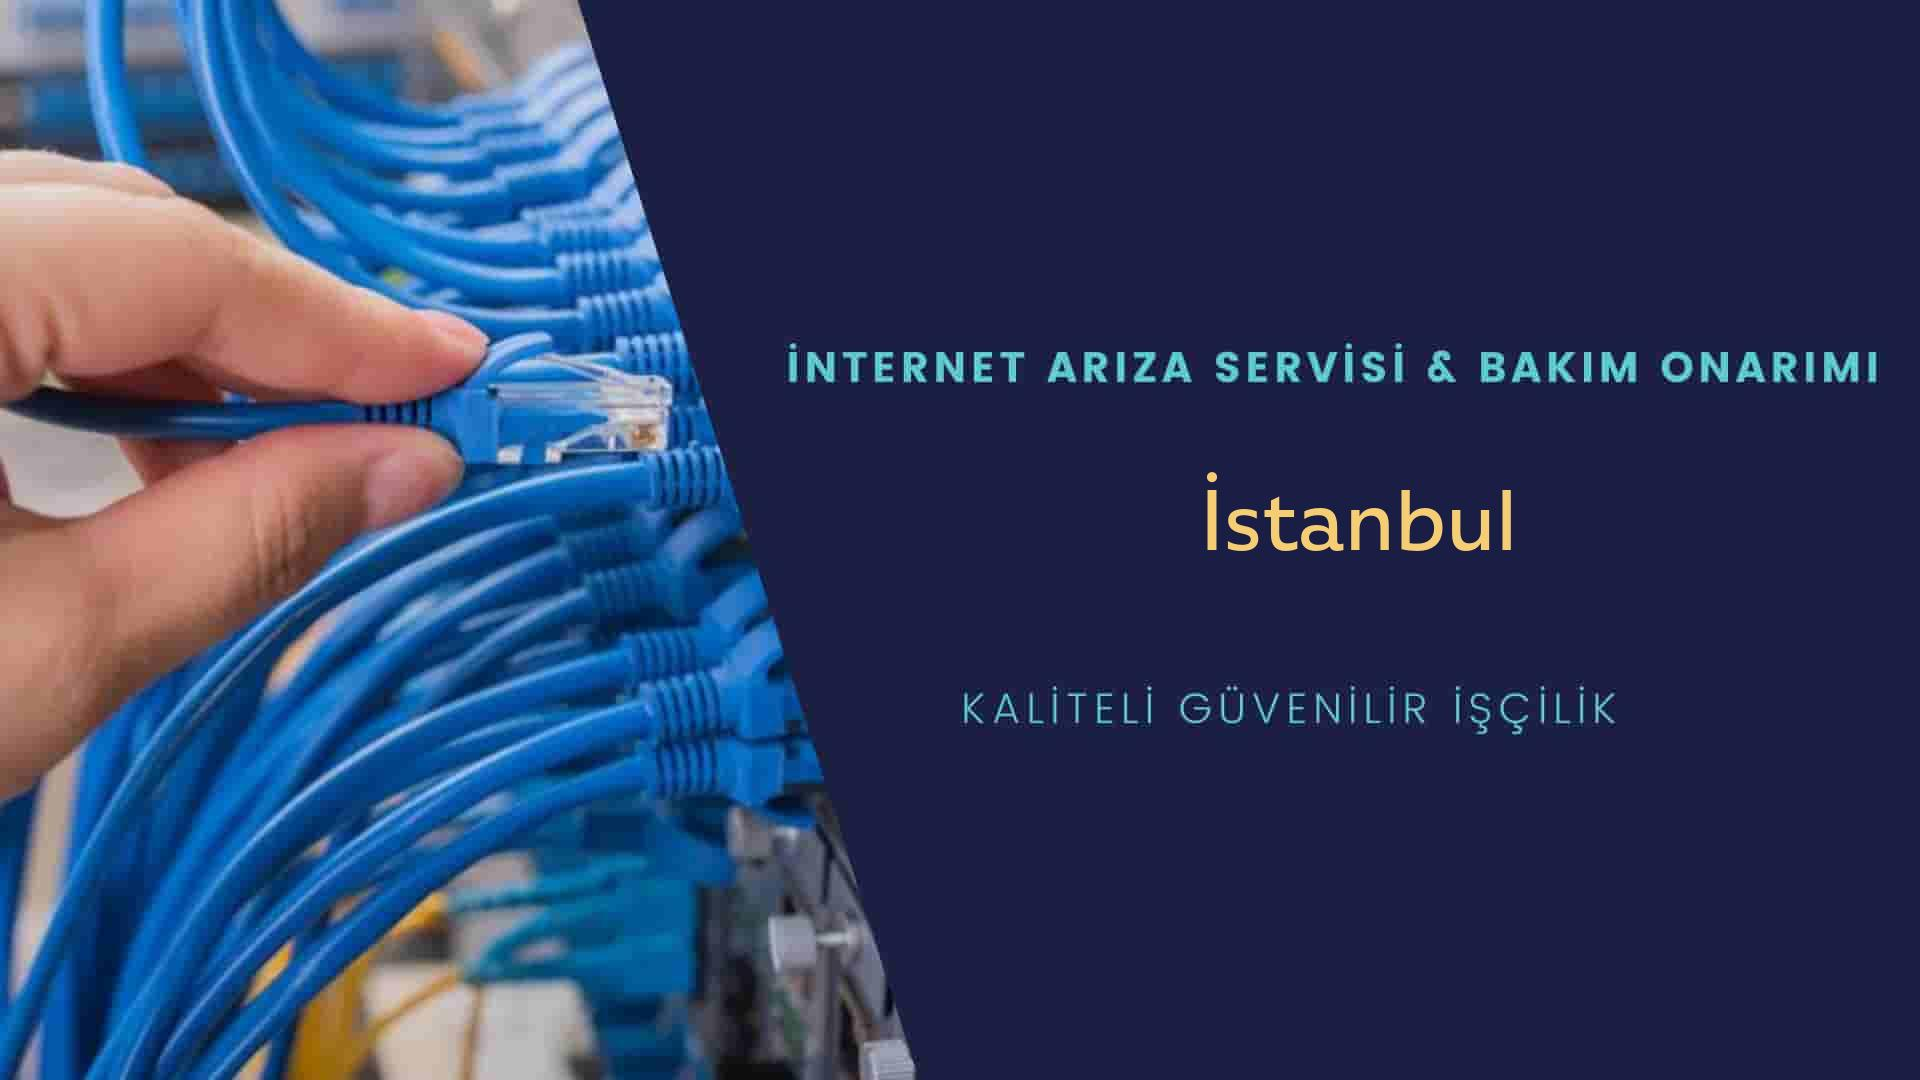 İstanbul internet kablosu çekimi yapan yerler veya elektrikçiler mi? arıyorsunuz doğru yerdesiniz o zaman sizlere 7/24 yardımcı olacak profesyonel ustalarımız bir telefon kadar yakındır size.